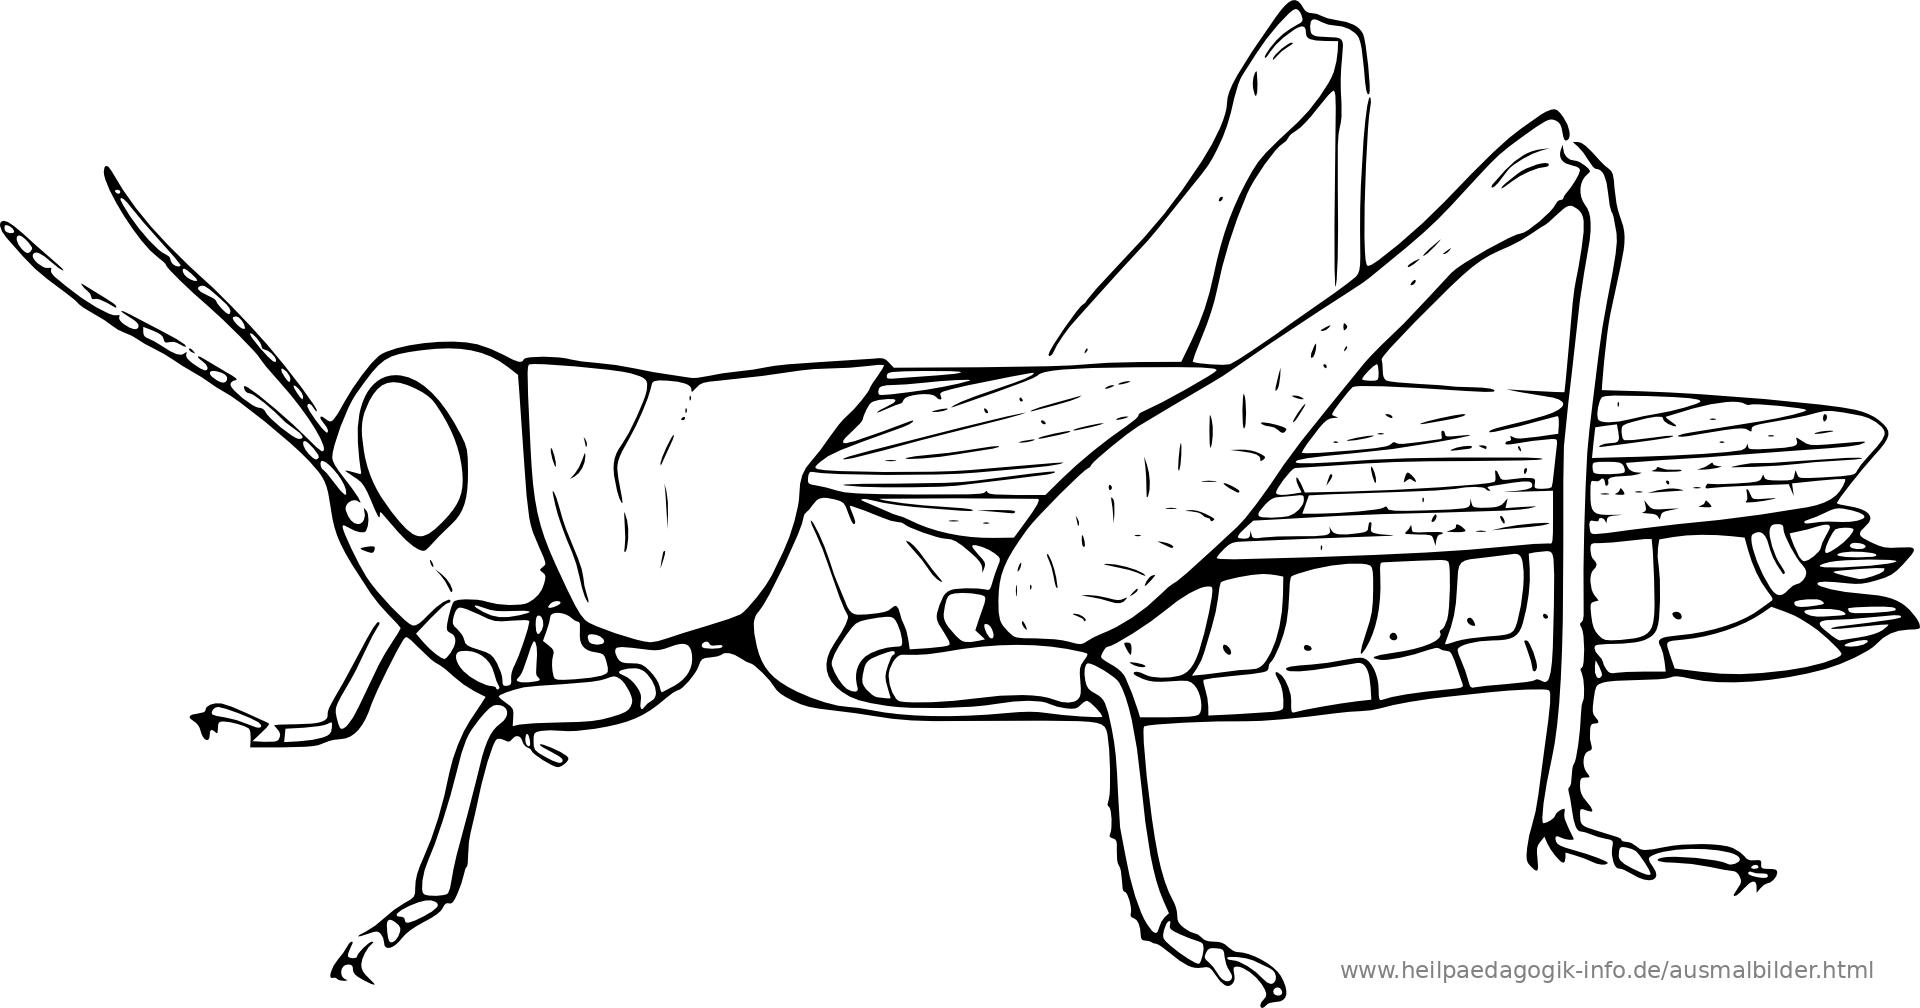 ausmalbilder k u00e4fer  schmetterlinge  insekten